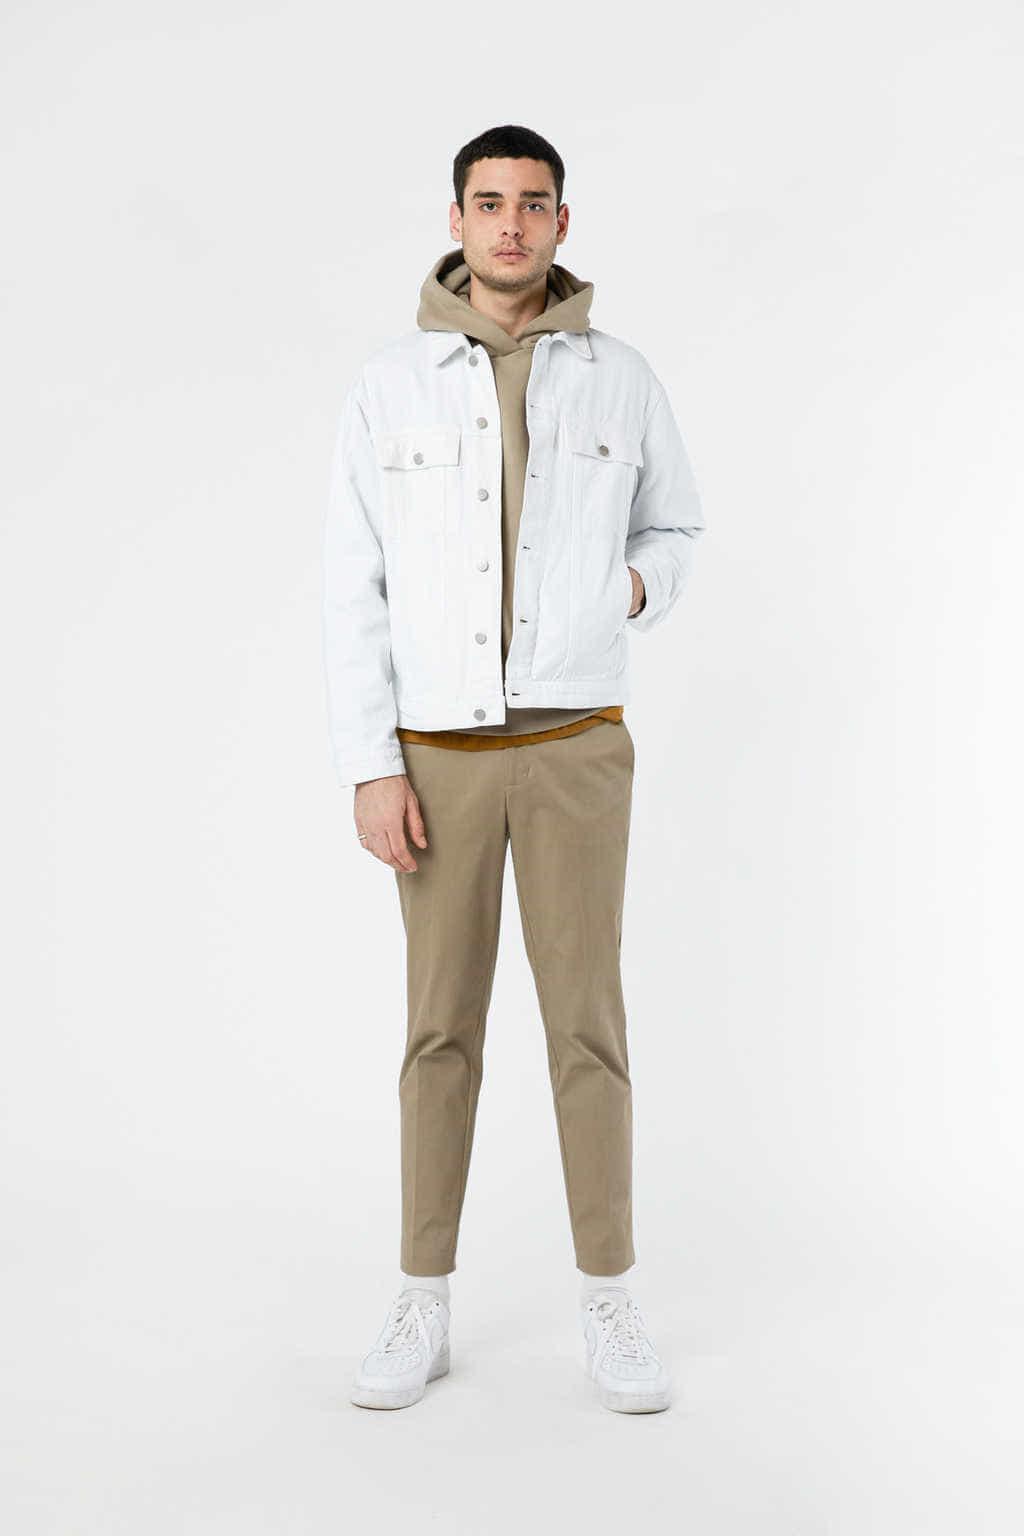 Denim Jacket 3318 White 19